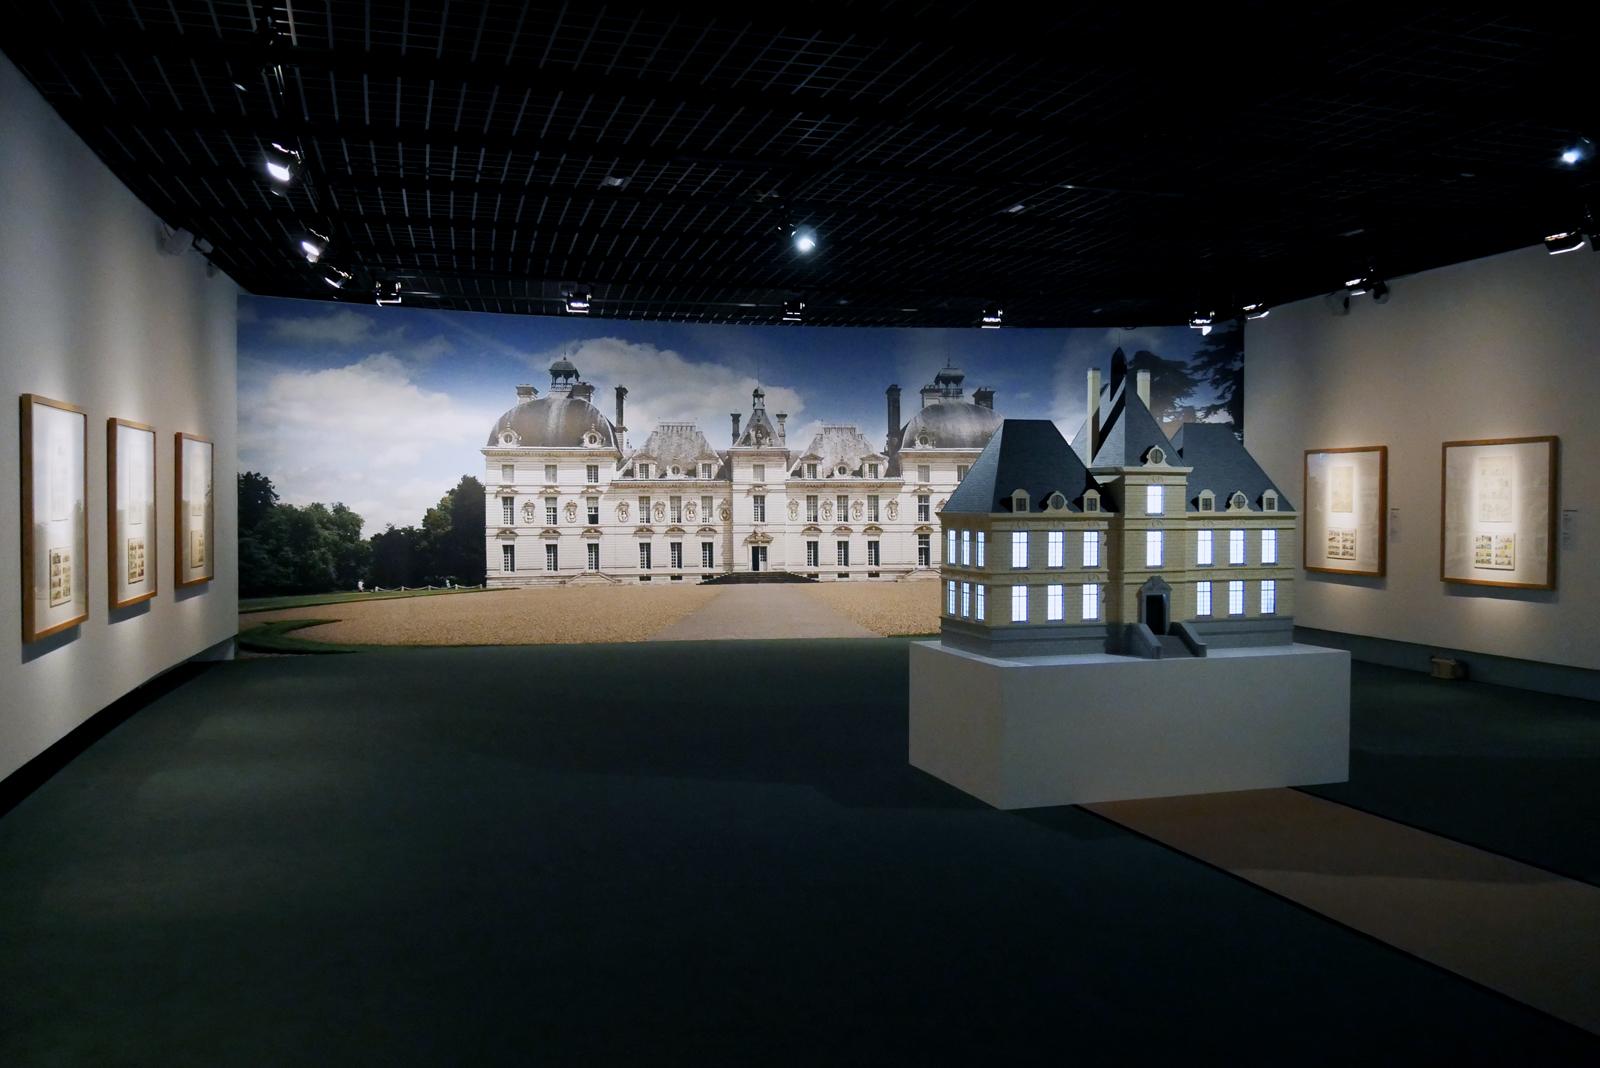 herge-grand-palais-paris-exposition-salle-une-famille-de-papier-replique-chateau-de-moulinsart